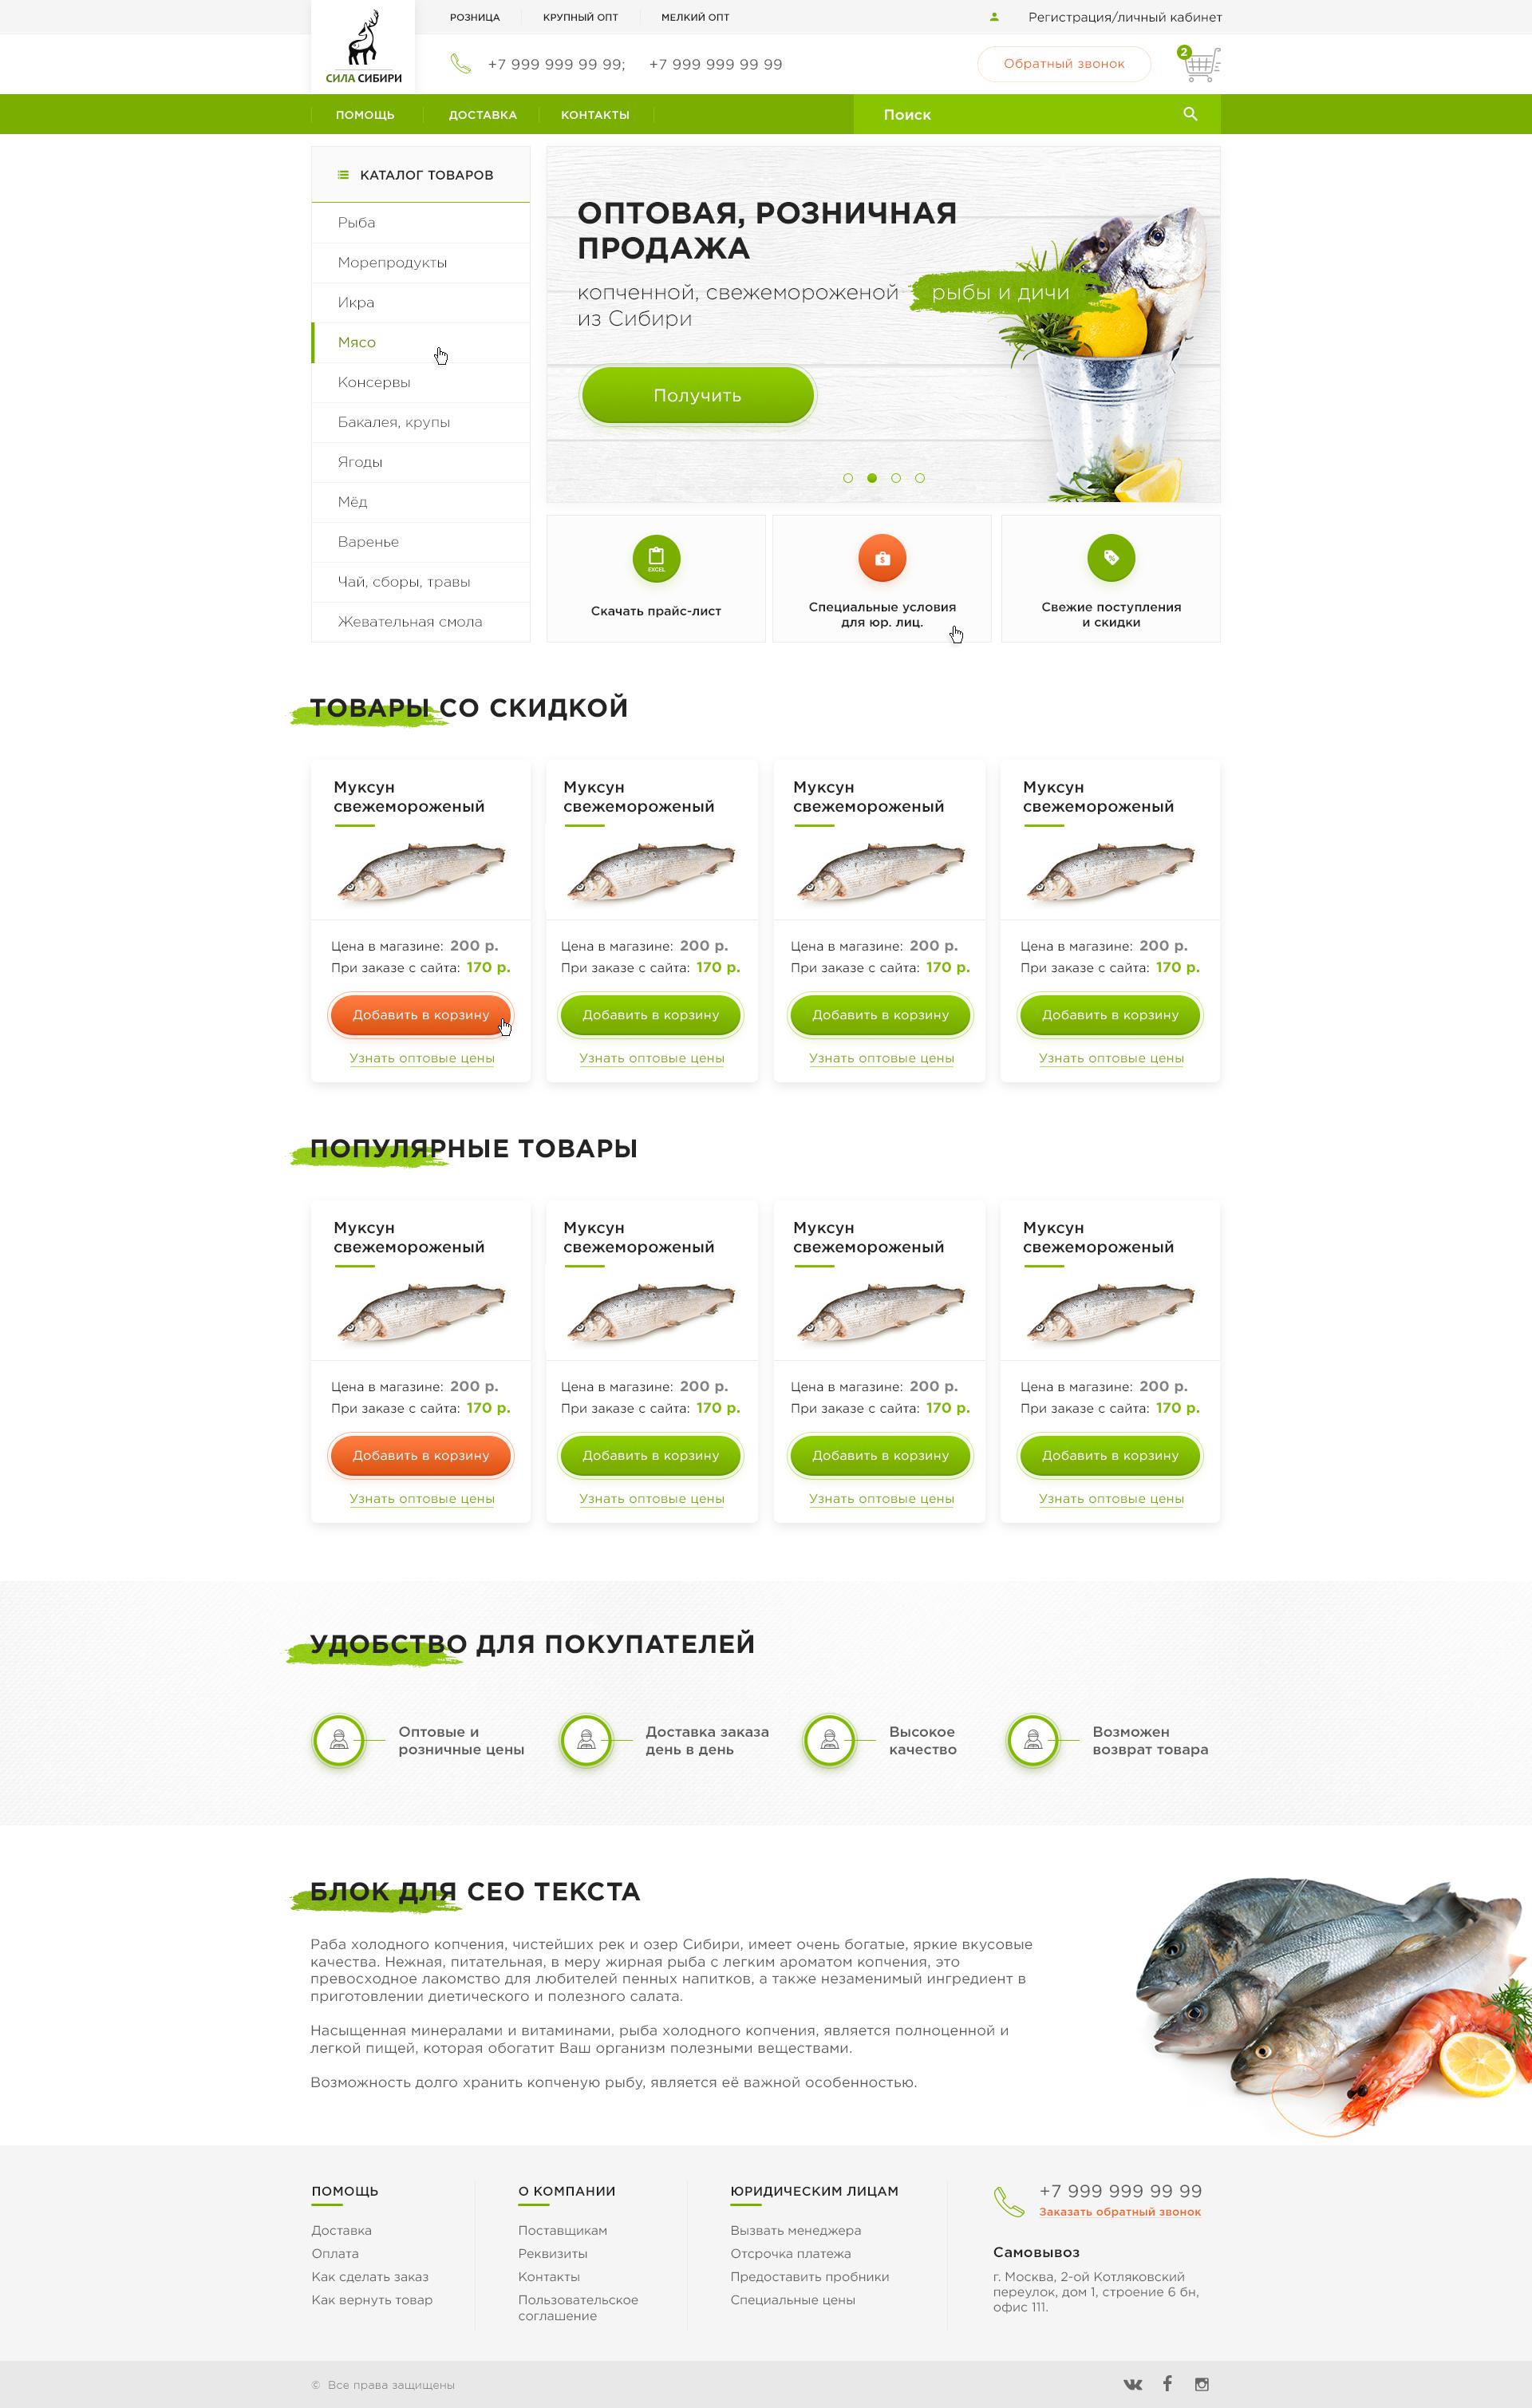 Дизайн интернет магазина по продаже рыбы и мяса из Сибири